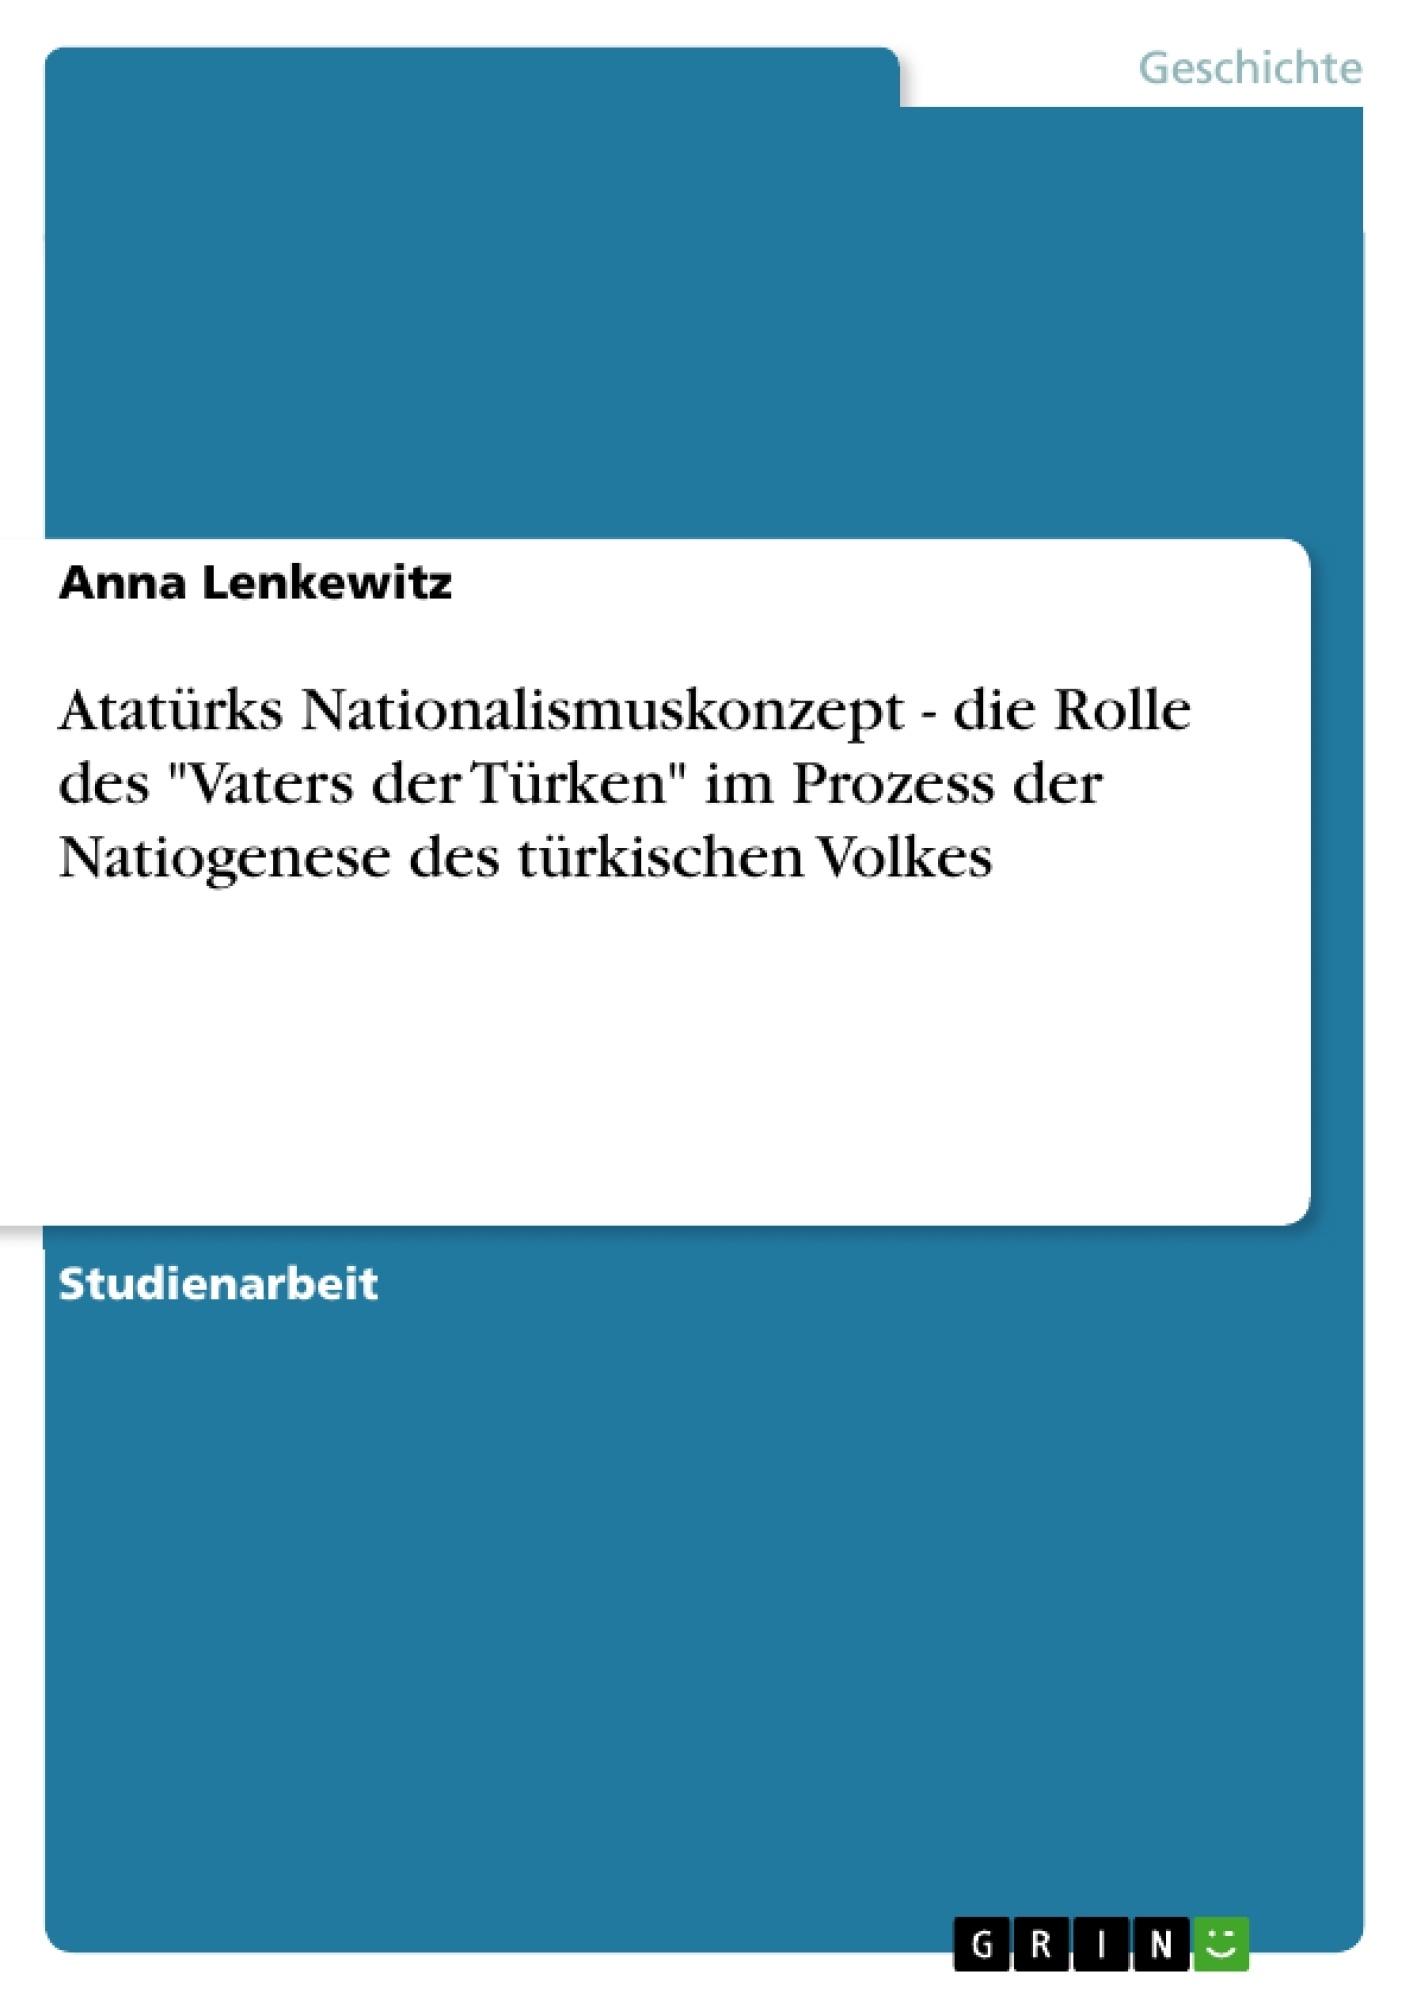 """Titel: Atatürks Nationalismuskonzept - die Rolle des """"Vaters der Türken"""" im Prozess der Natiogenese des türkischen Volkes"""